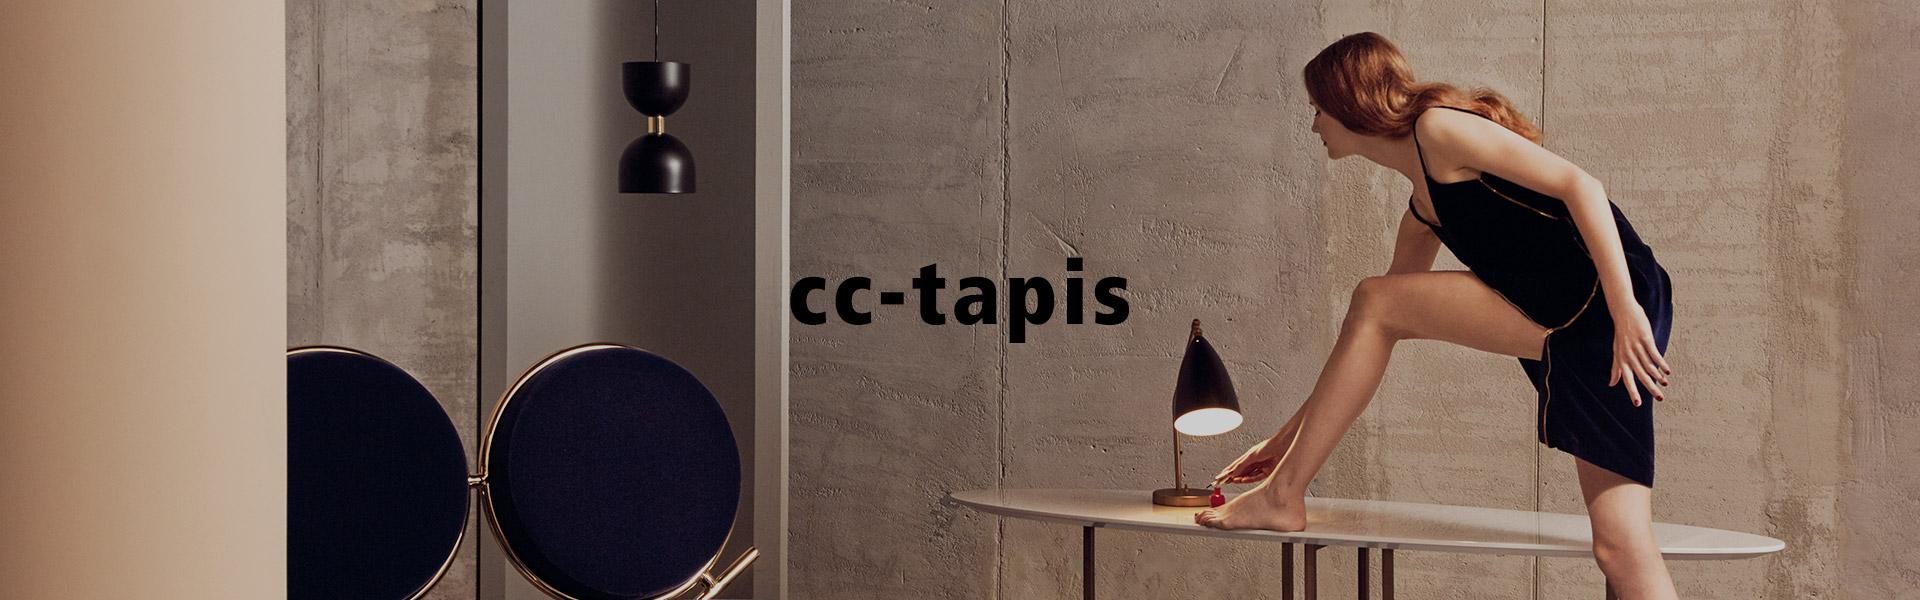 cc_tapis_0